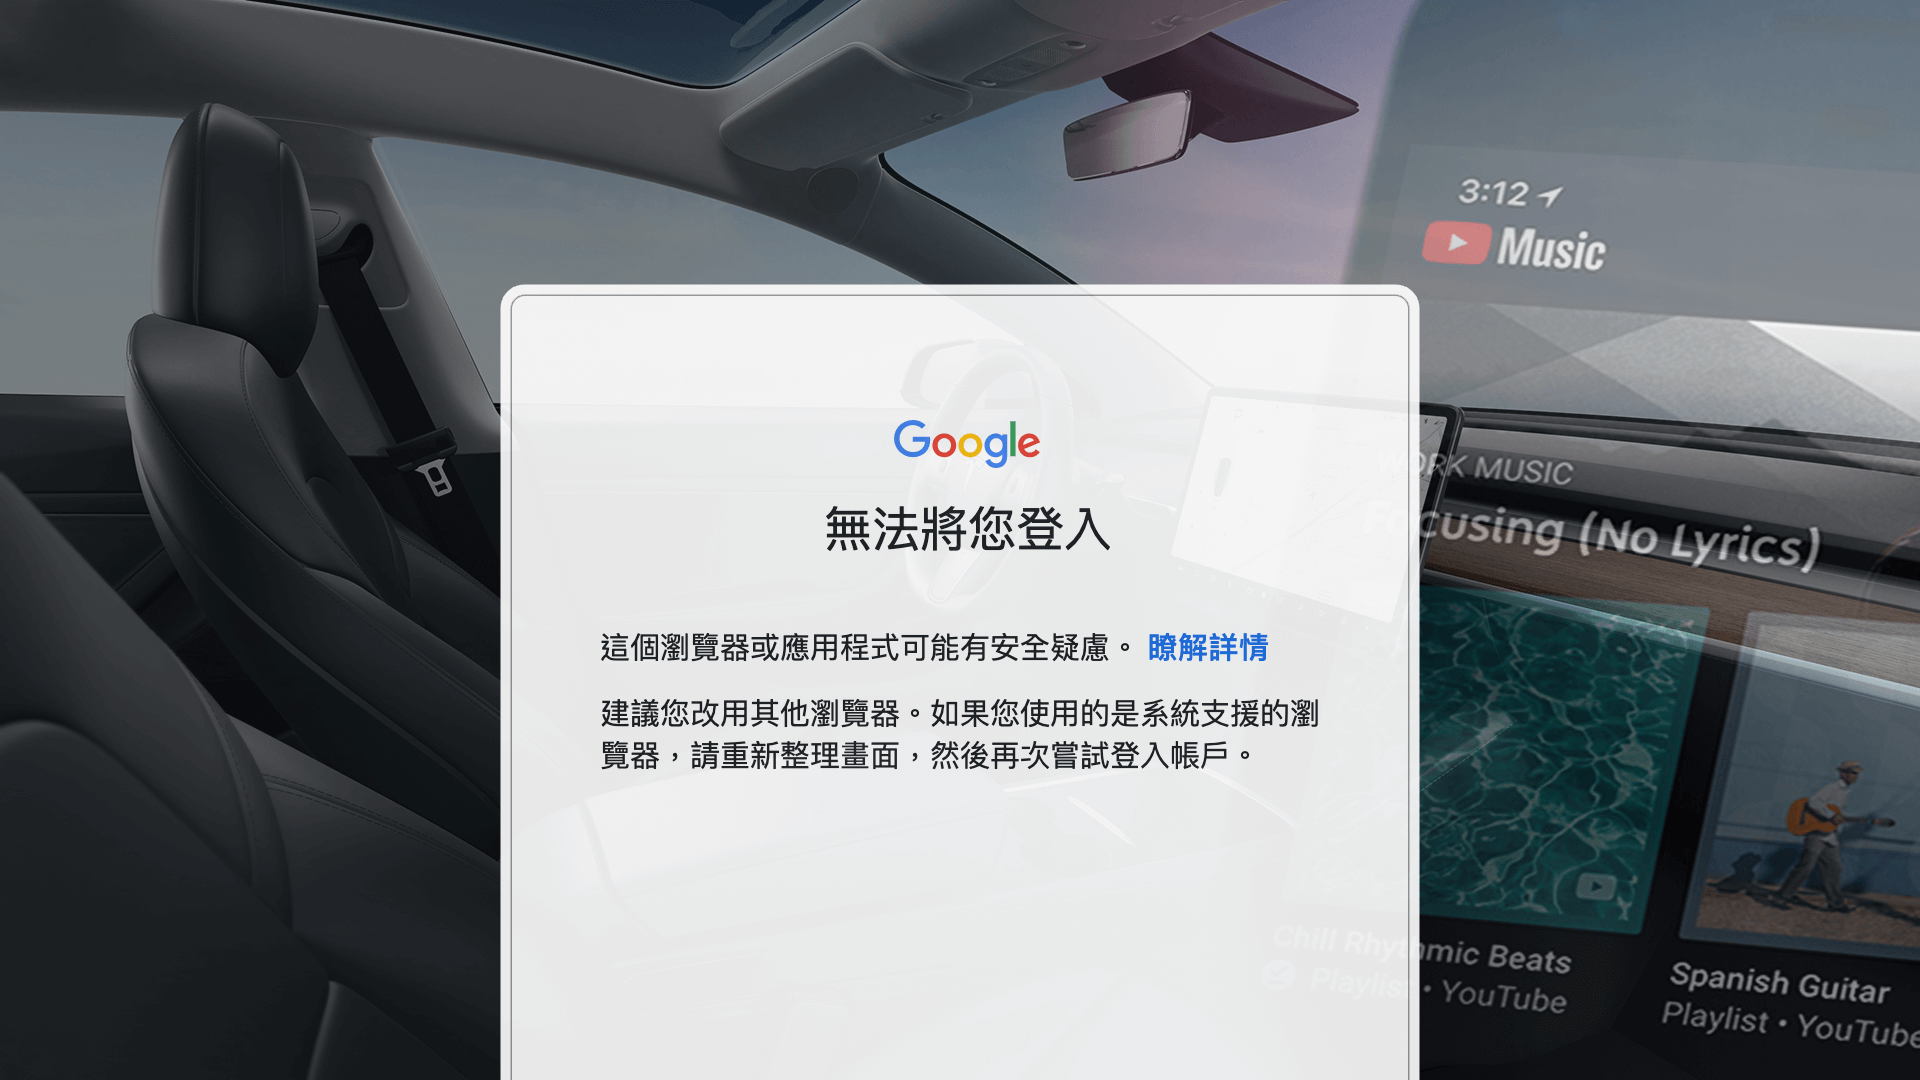 解決特斯拉 YouTube 無法登入 註冊 Plex.tv 失效可改用 RuneScape